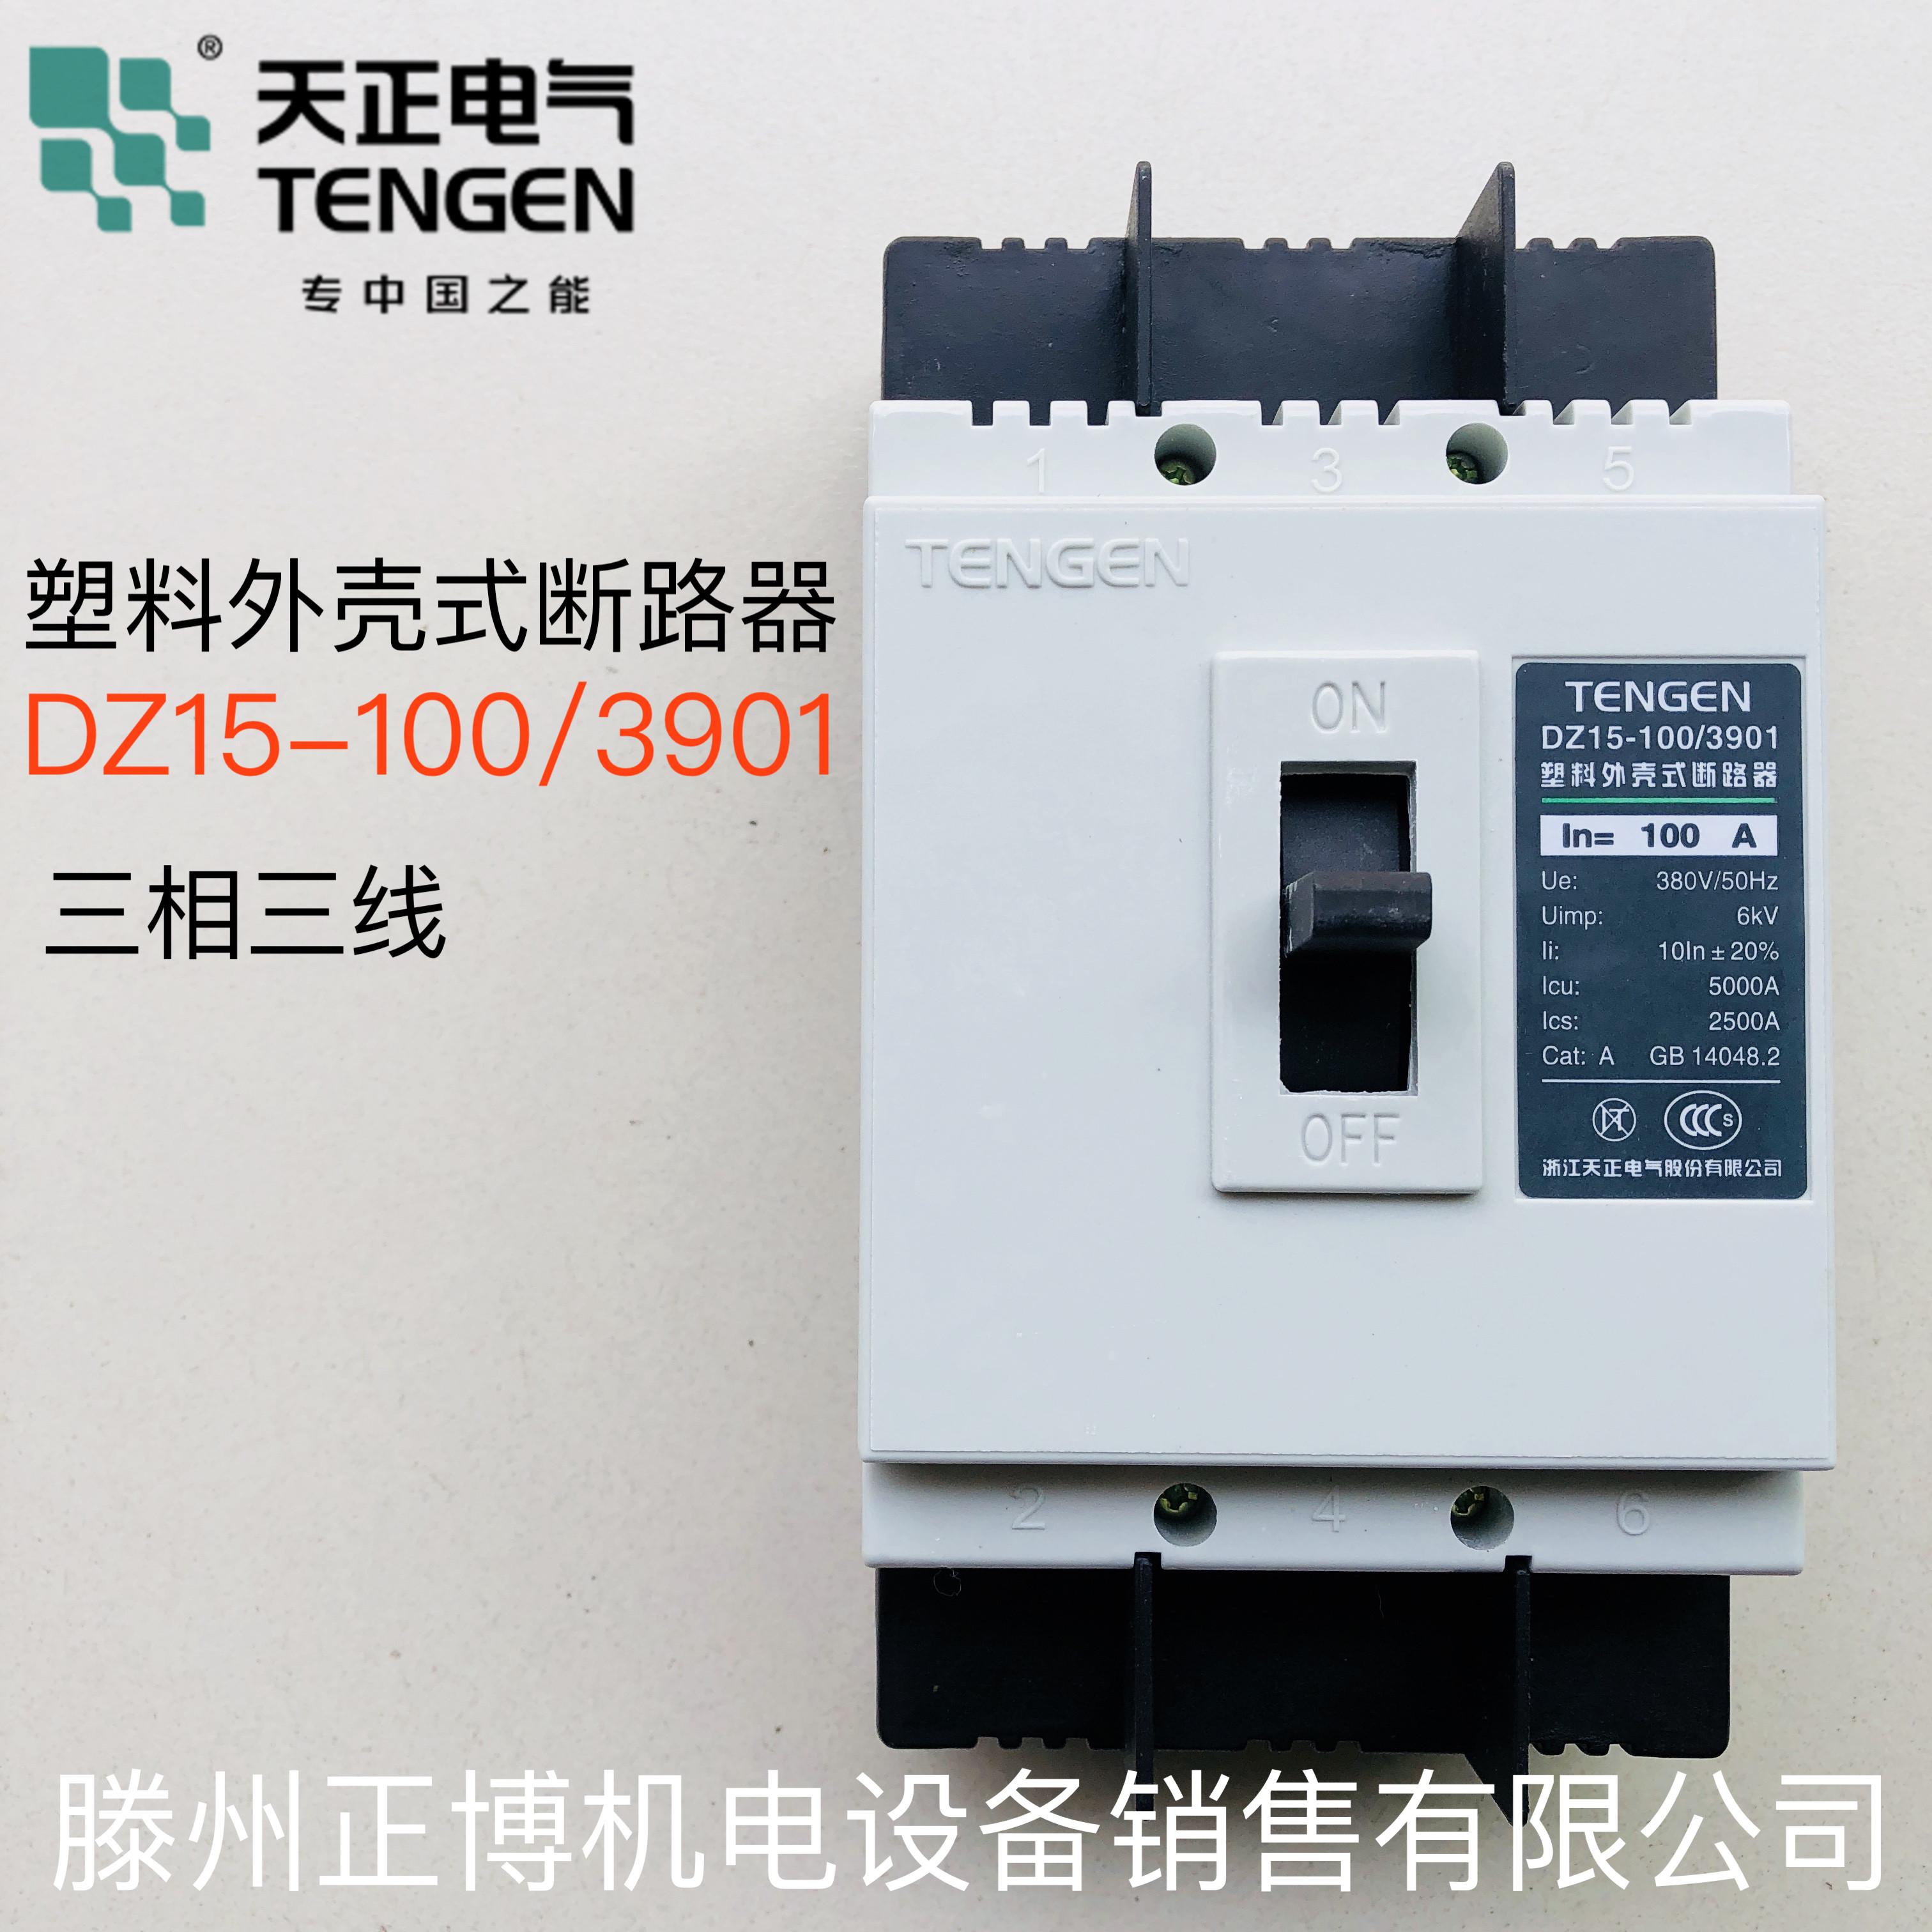 天正电气tengen 塑壳断路器dz15-100/3901 100a三相三线 配电保护